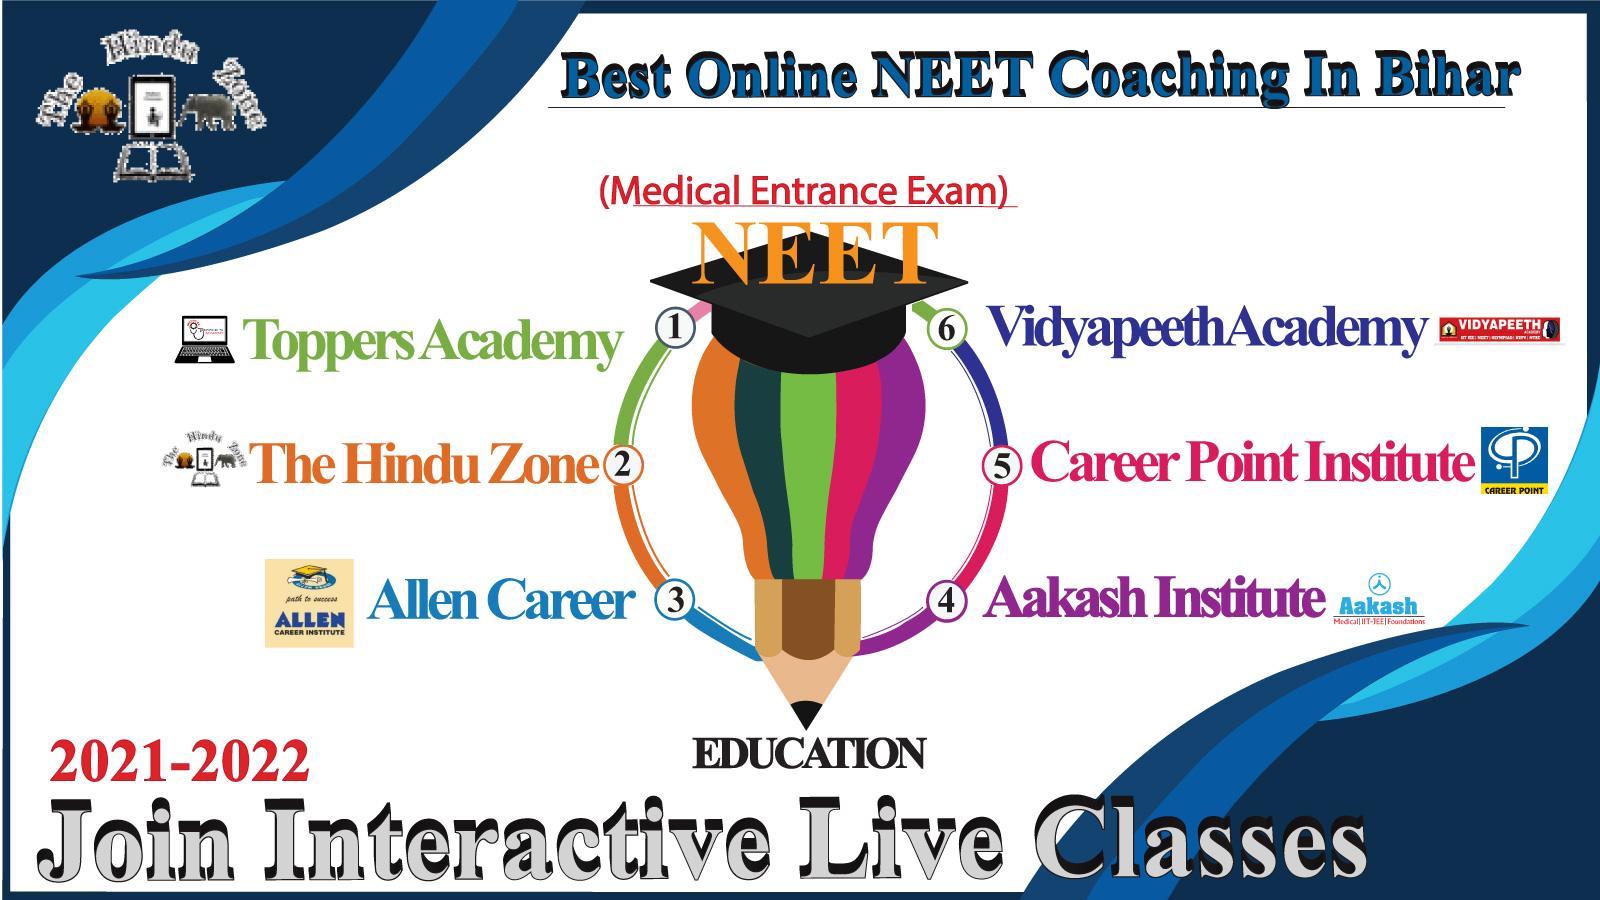 Top NEET Coaching Classes In Bihar